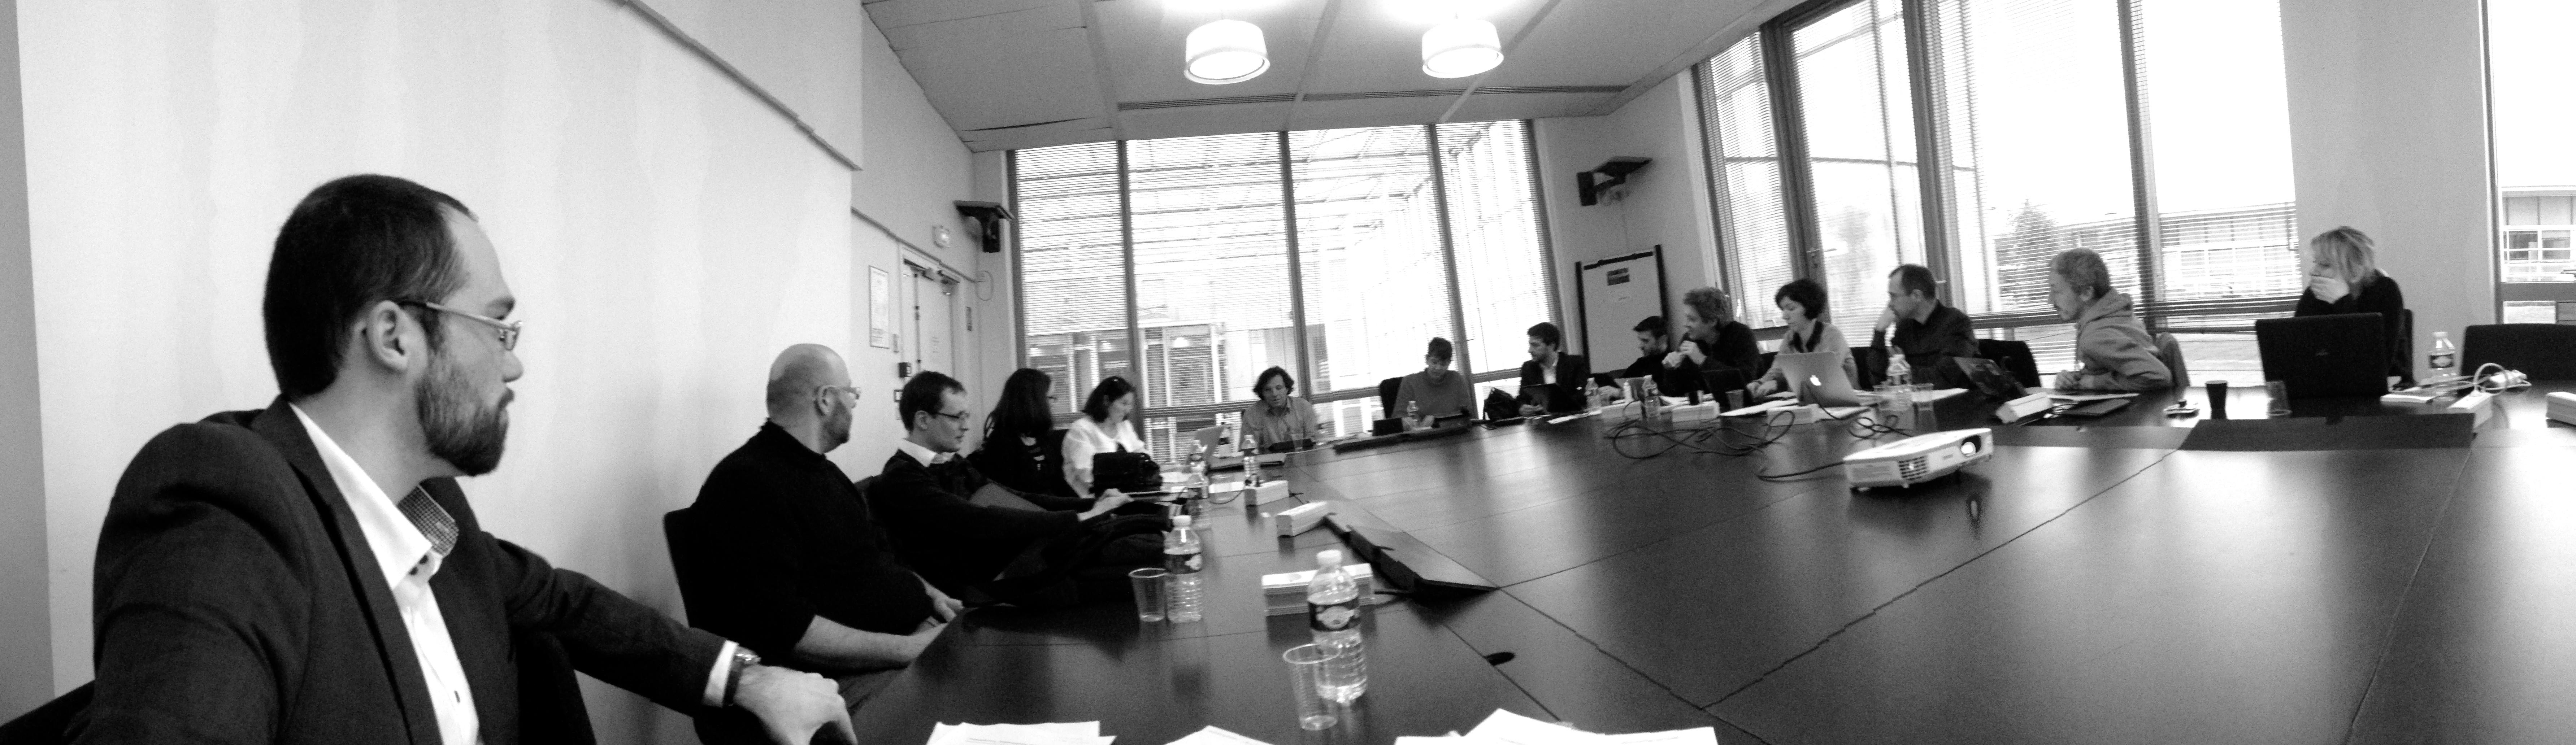 17 mars 2014 : le comité provisoire se réunit à Paris pour concrétiser les statuts.